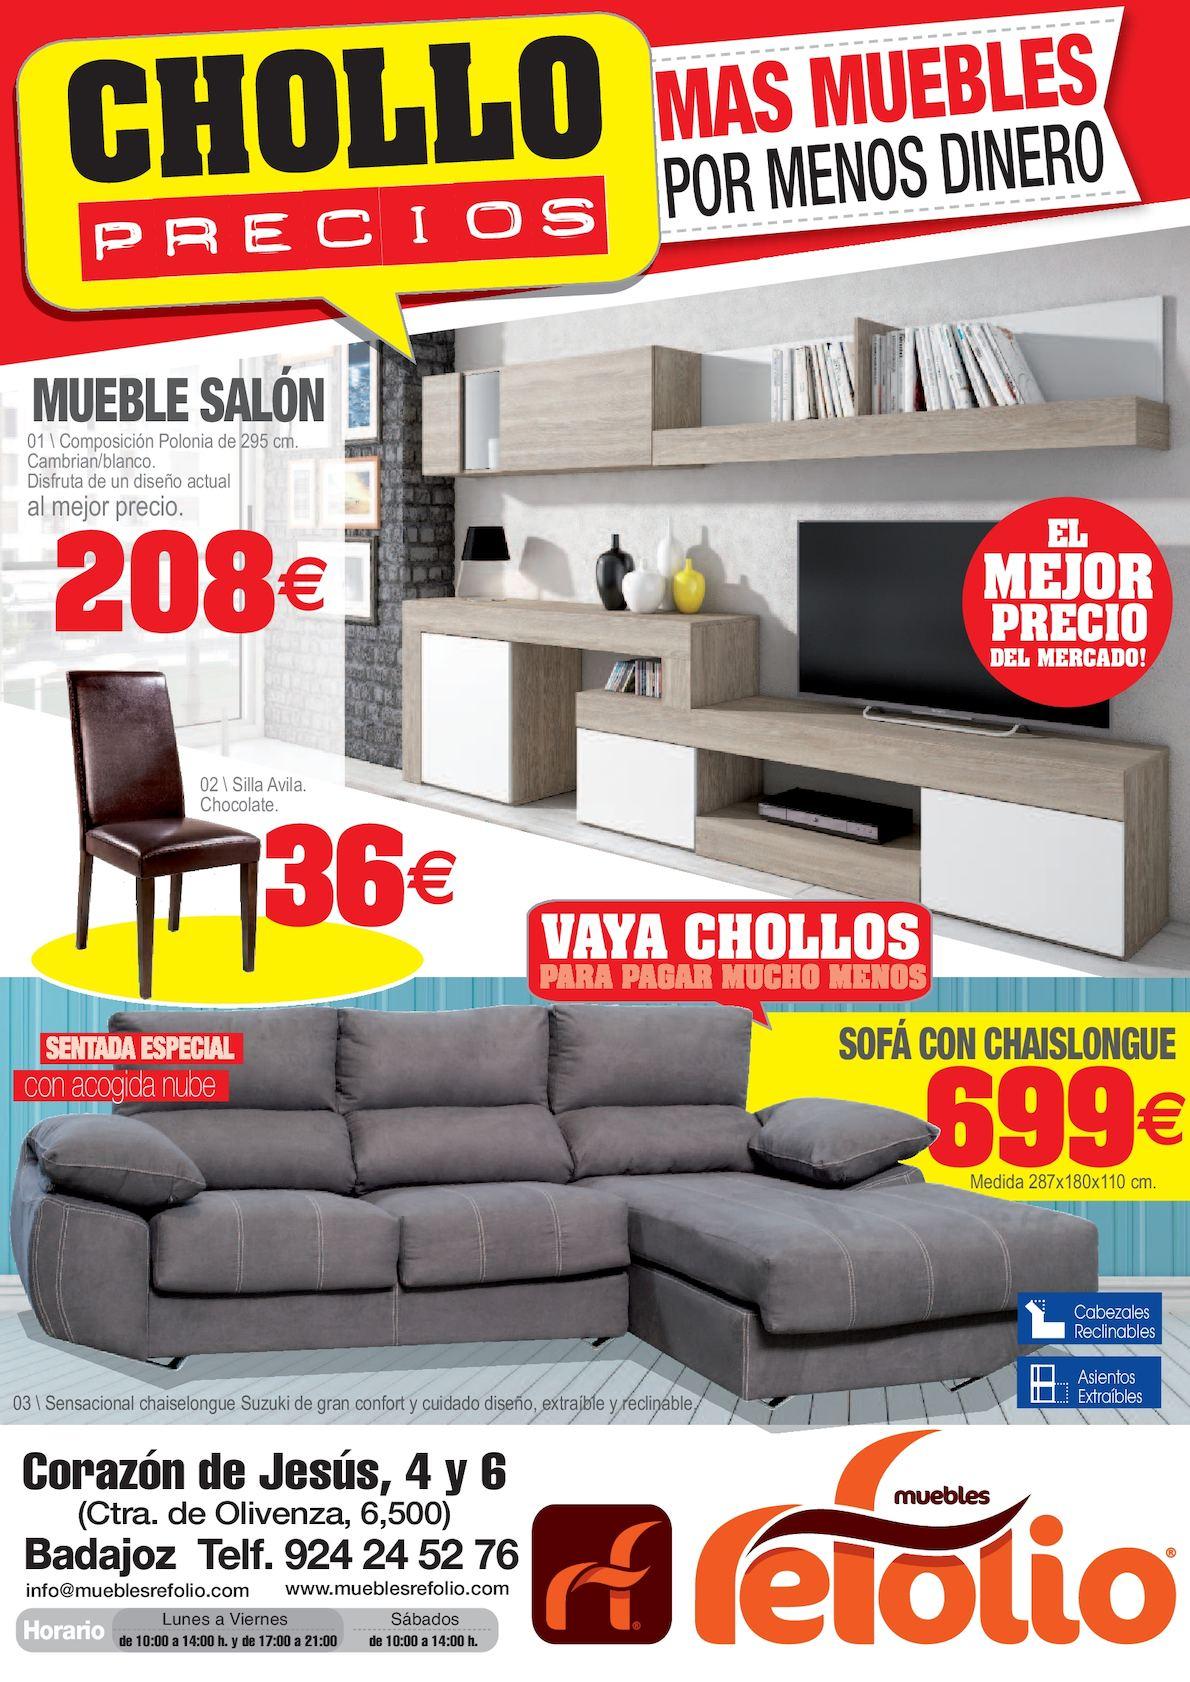 Muebles Refolio Sofas - Calam O Folletos Adavigal[mjhdah]http://refolio.es/wp-content/uploads/2015/02/DISFRUTA-TU-HOGAR-WEB.jpg